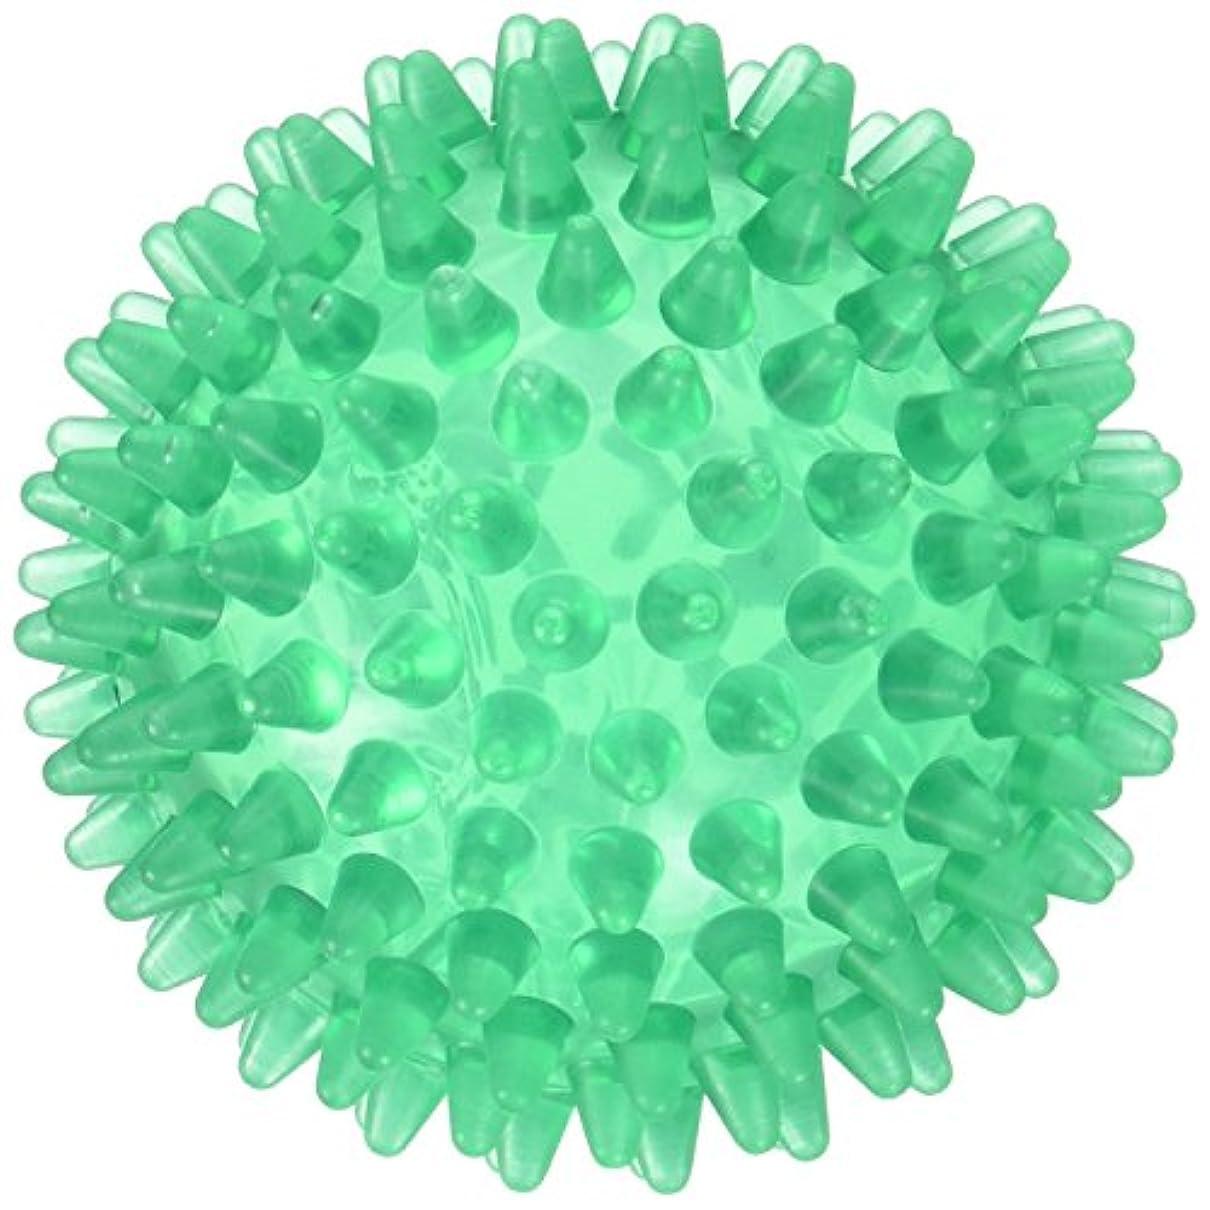 ソロポスト印象派レンディションダンノ(DANNO) リハビリ マッサージ用 触覚ボール リフレクションボール